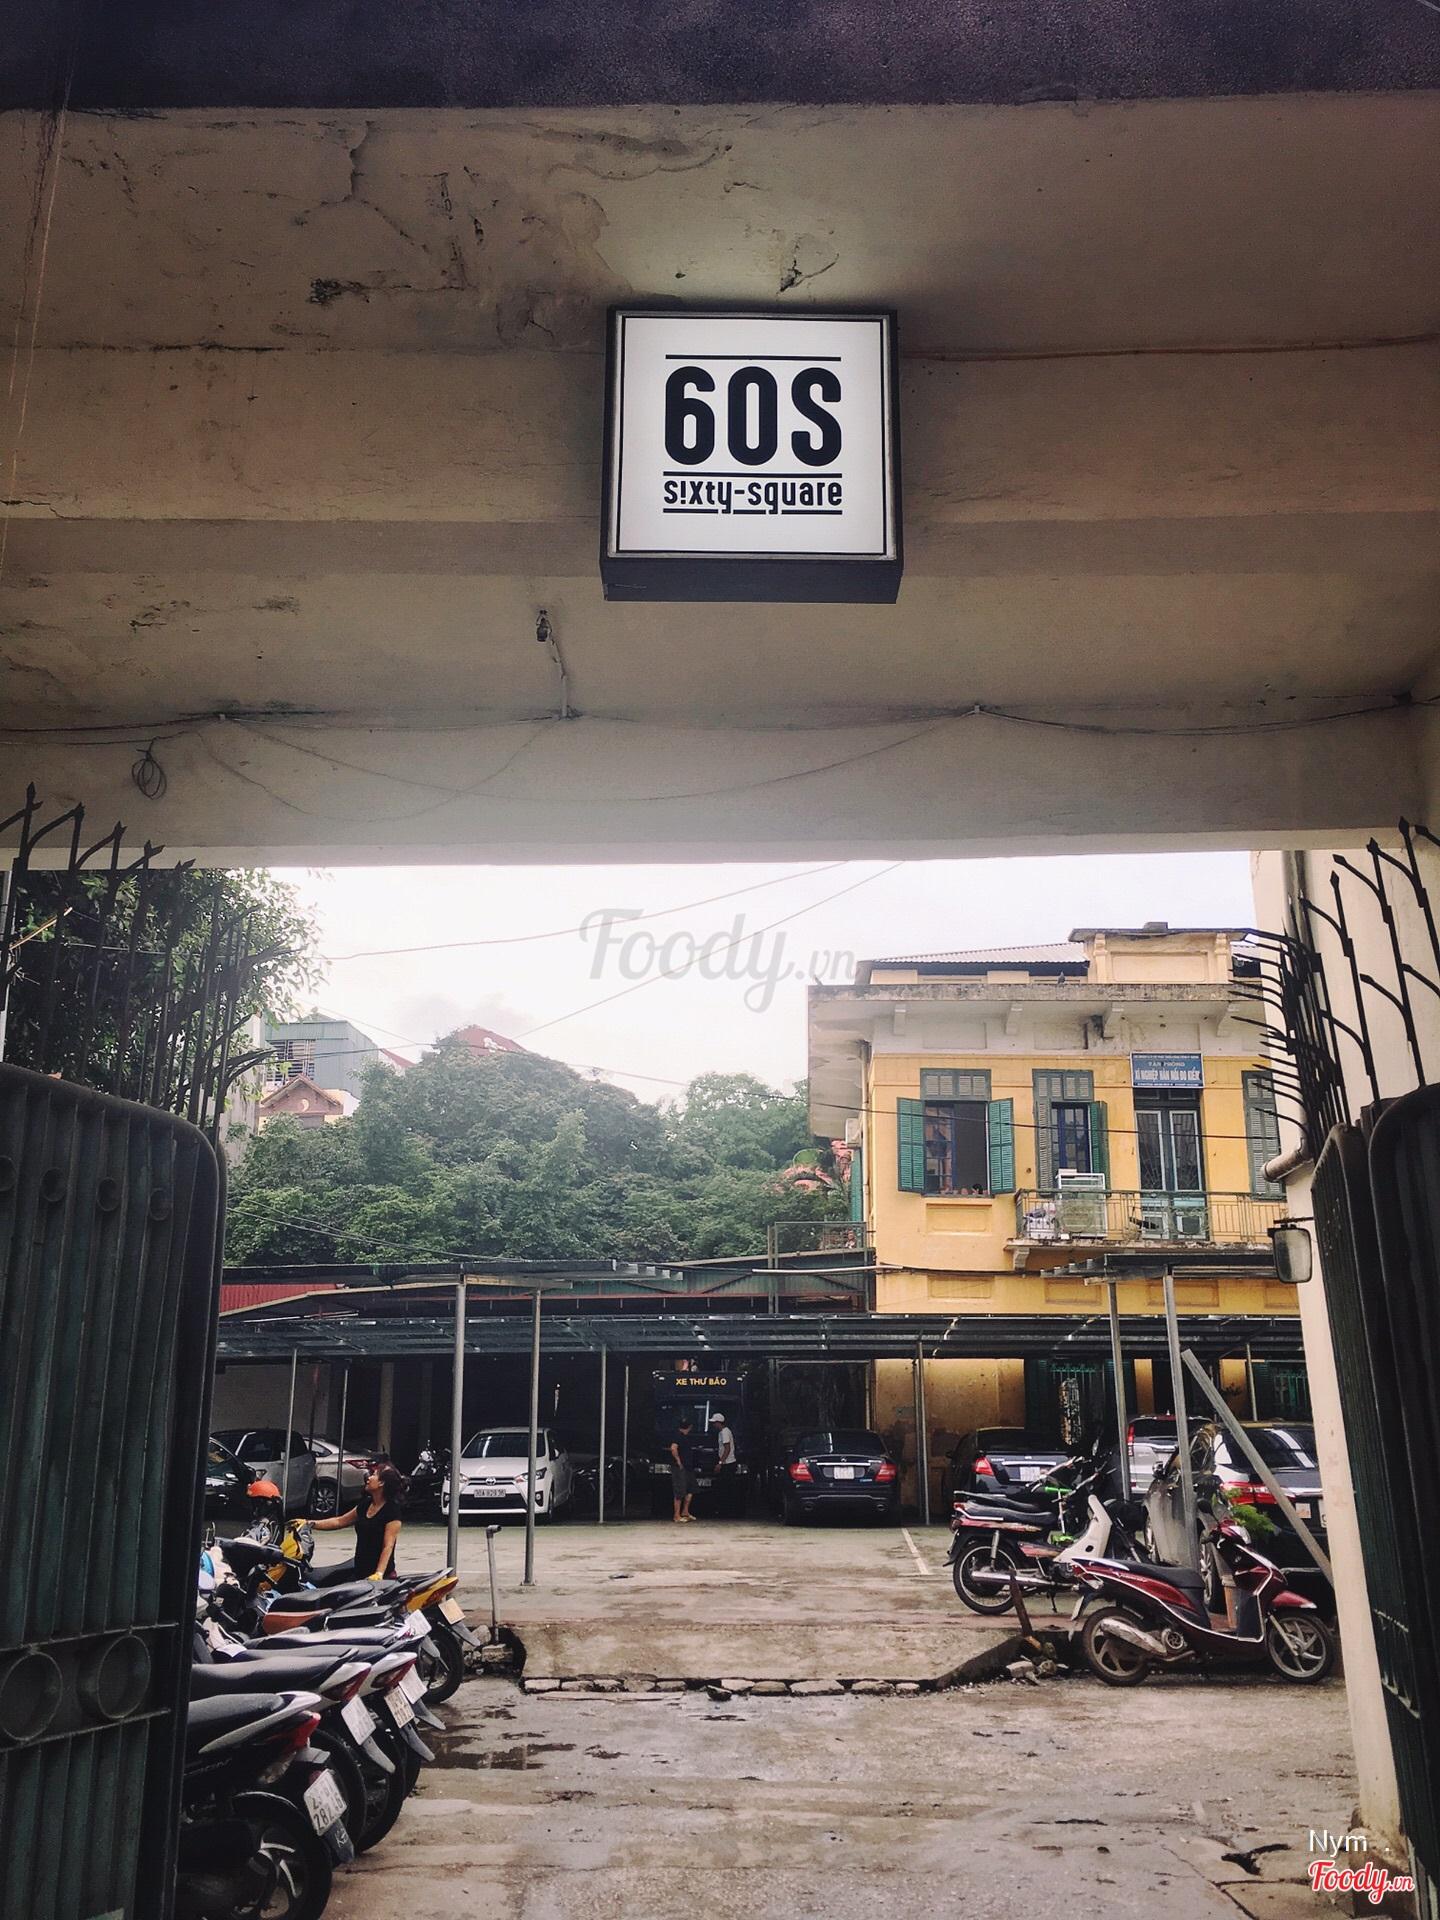 ... thì tới nay giới trẻ Hà Thành lại có thêm một địa điểm checkin mới  toanh mang hơi hướng hoài cổ đó chính là khu tổ hợp vui chơi 60s – Sixty  Square!!!